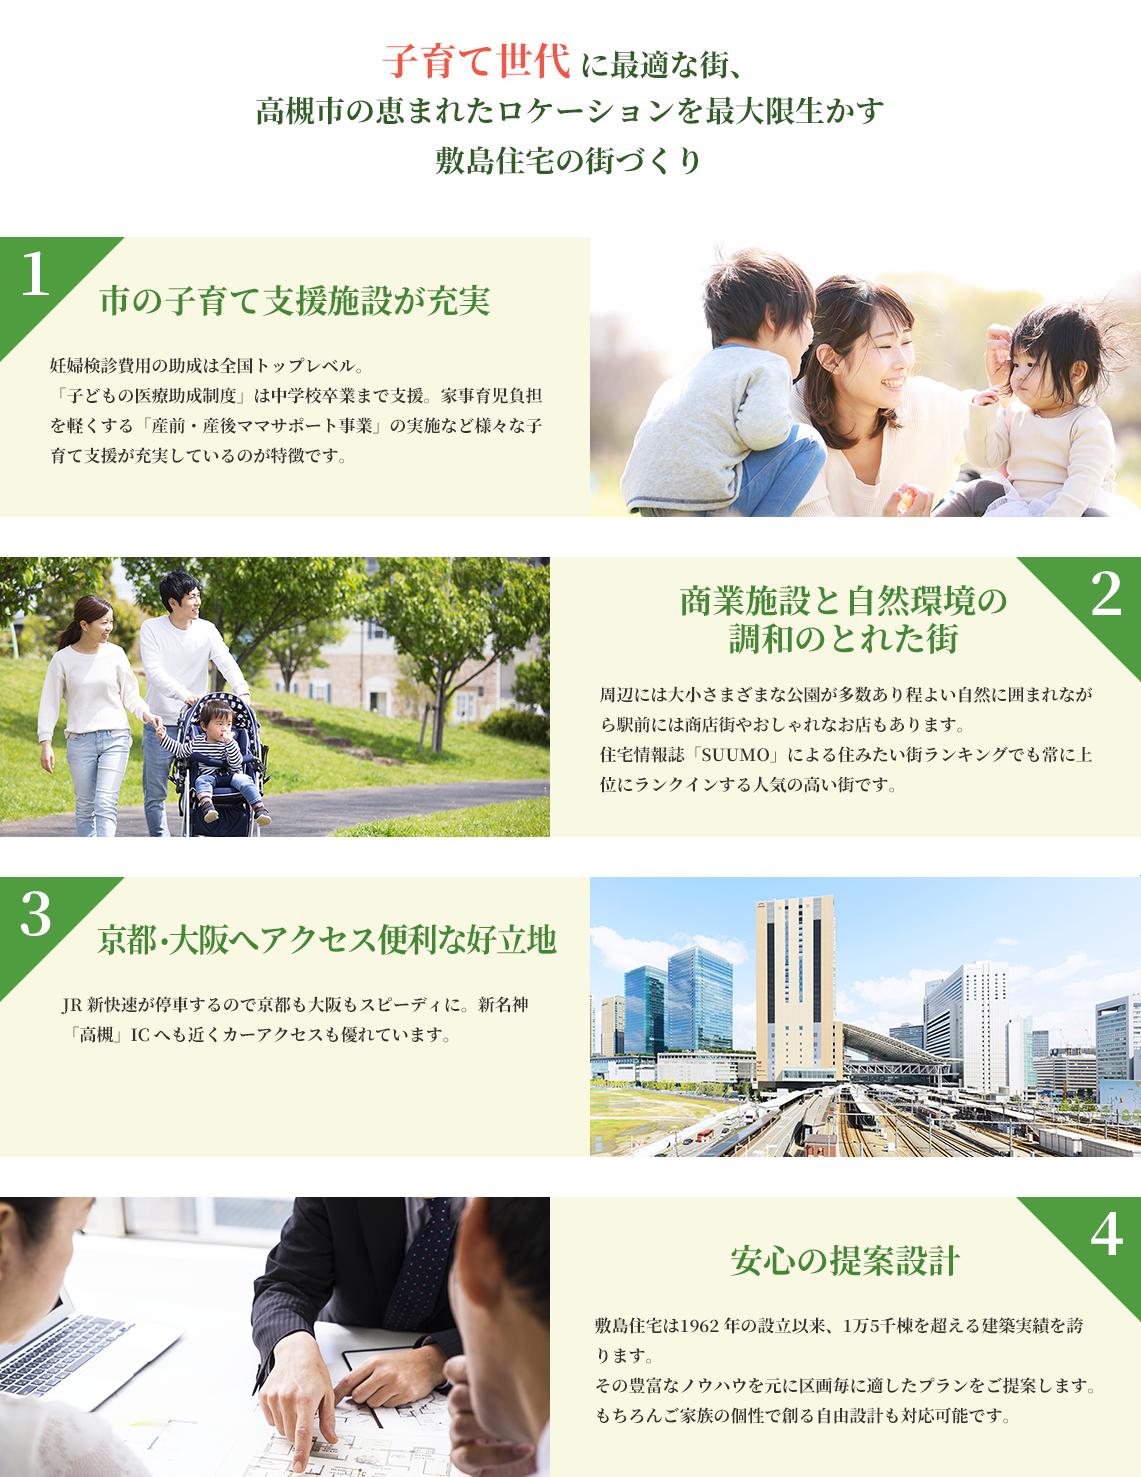 子育て世代 に最適な街、 高槻市の恵まれたロケーションを最大限生かす 敷島住宅の街づくり